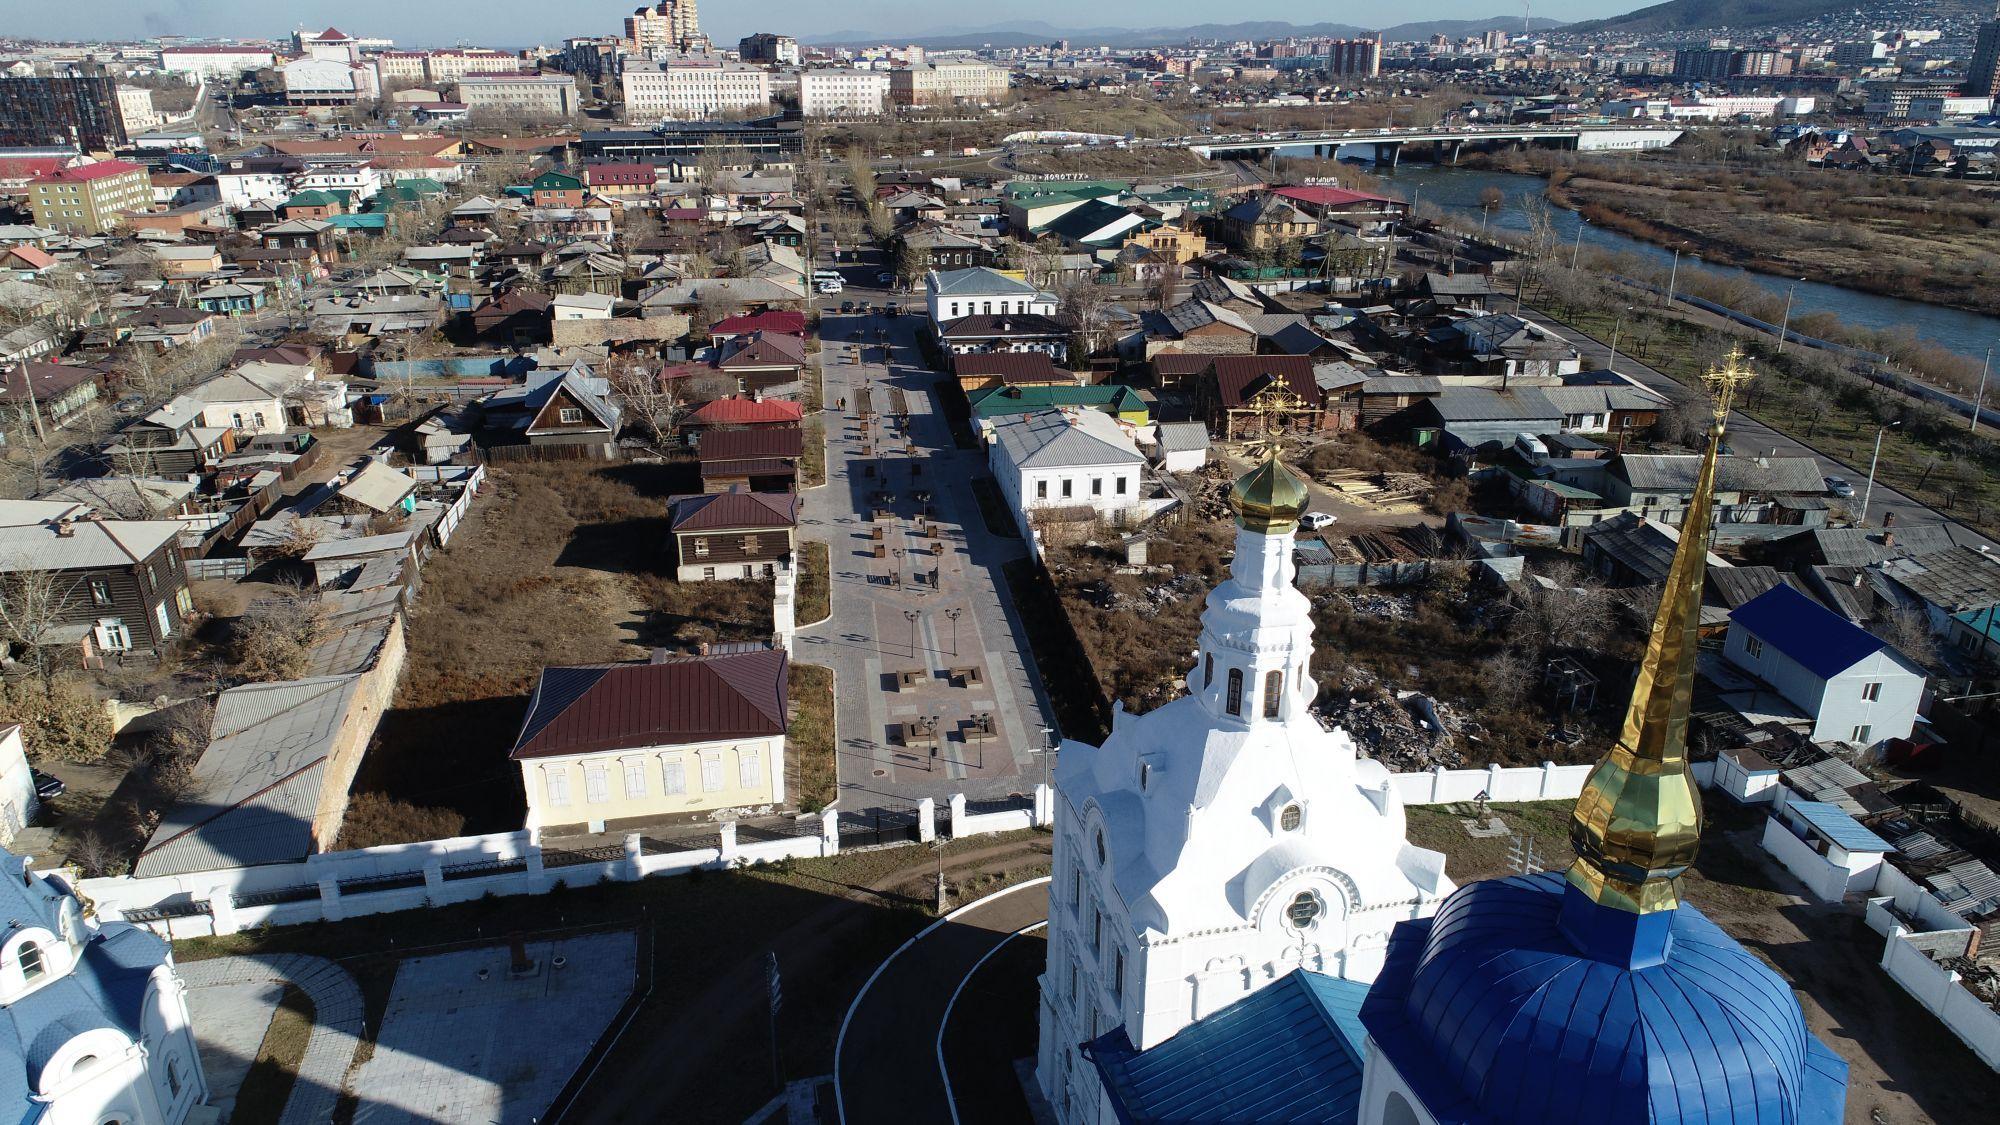 Улан-Удэ - ворота Байкала. Как развивается городская сфера туризма и гостеприимства